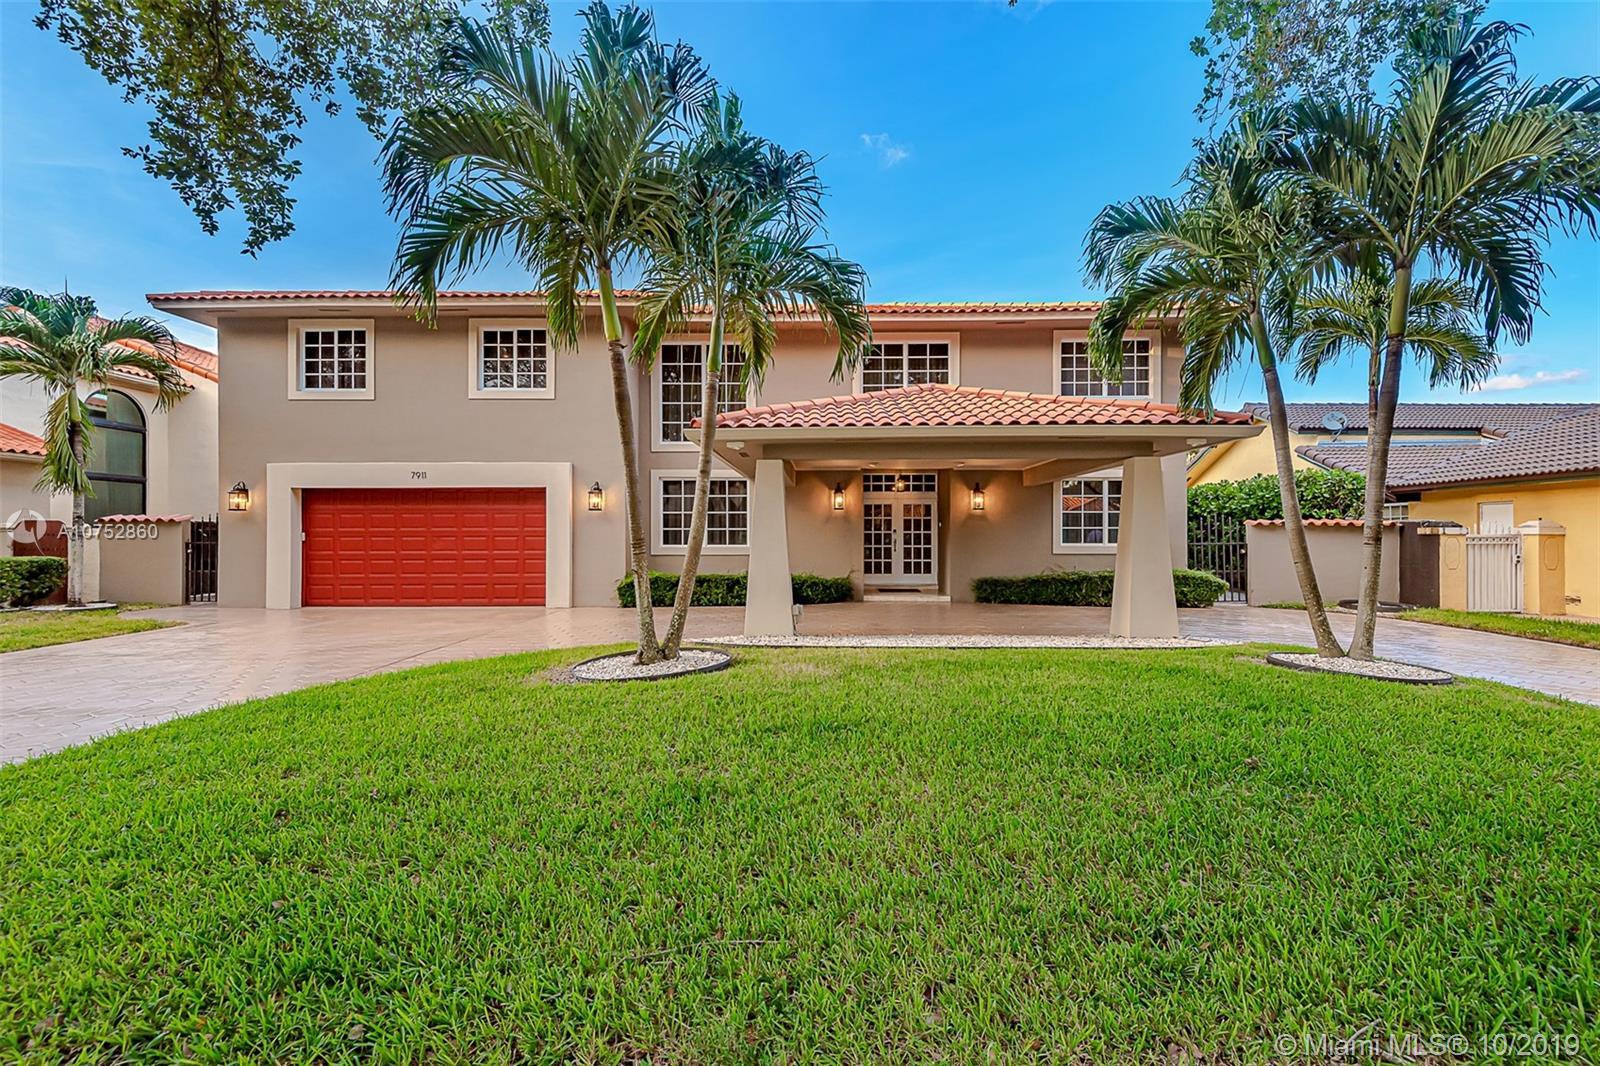 7911 NW 169th Ter, Miami Lakes, FL 33016